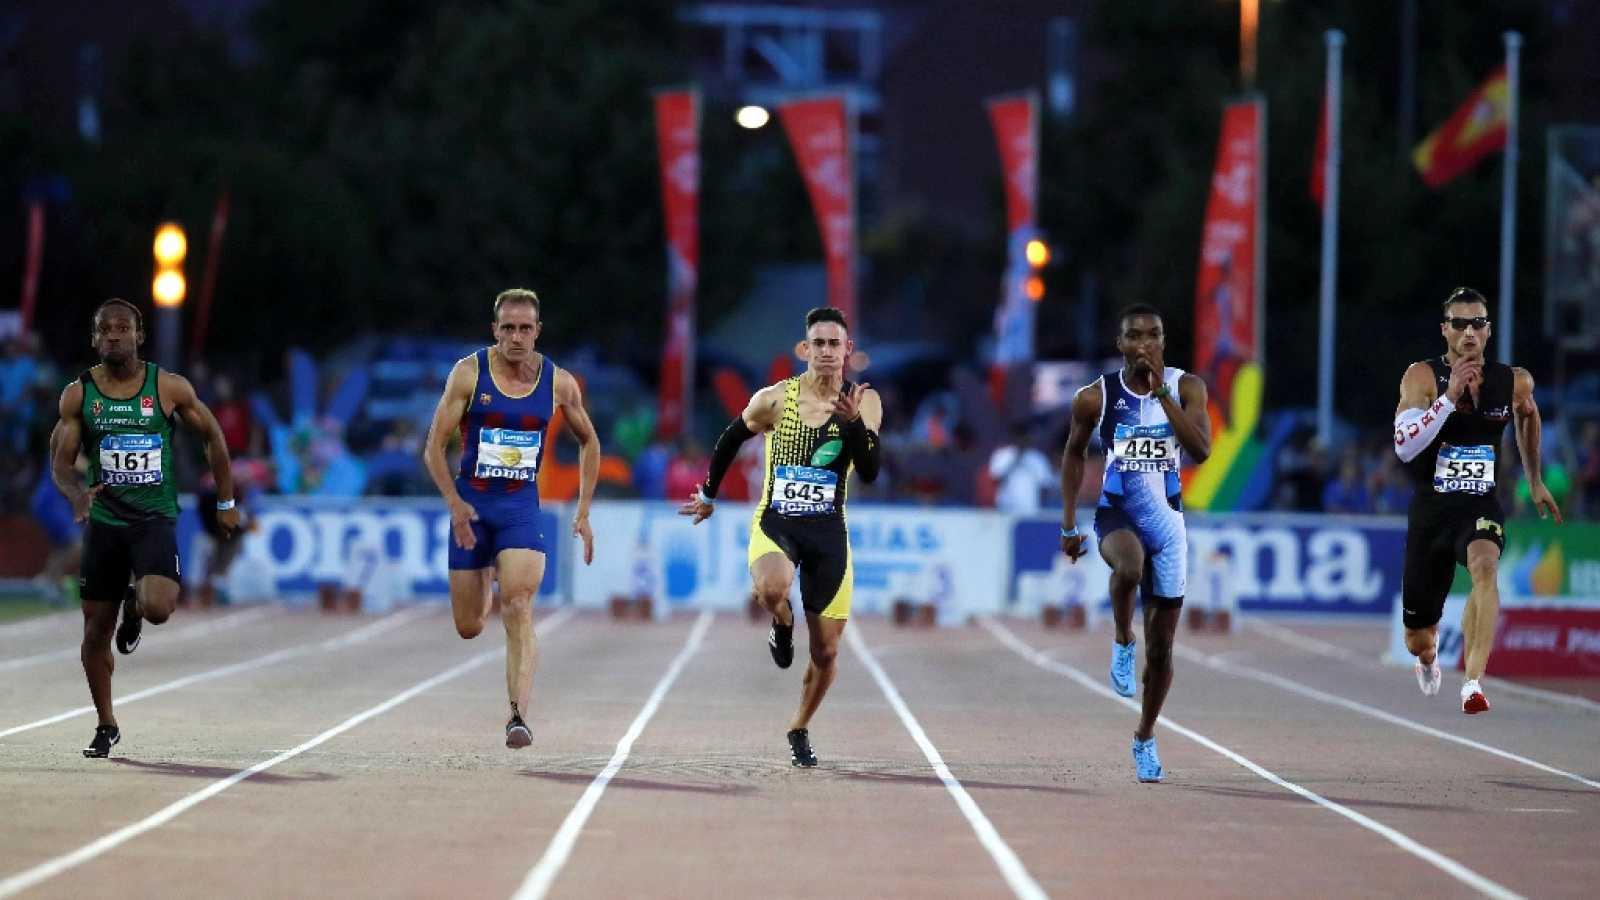 Atletismo - Campeonato de España Absoluto 1ª jornada (2) - ver ahora